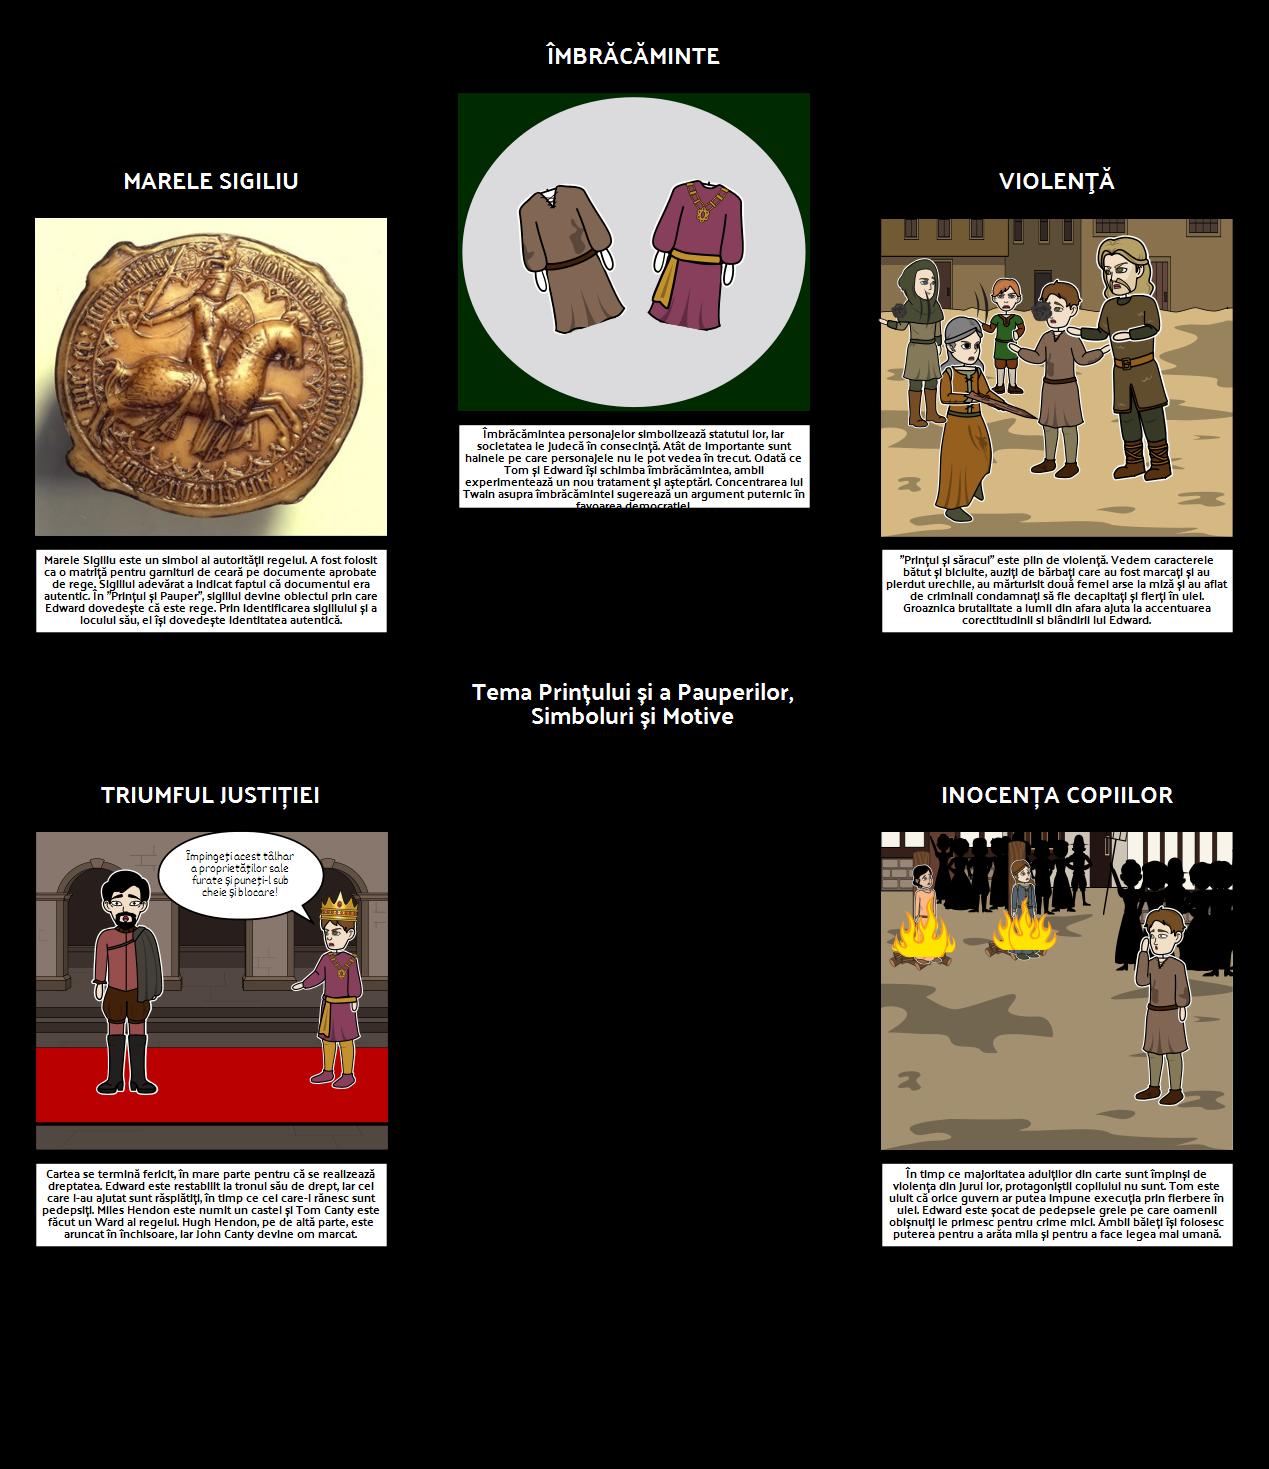 Tema Prințului și a Pauperilor, Motive și Simboluri